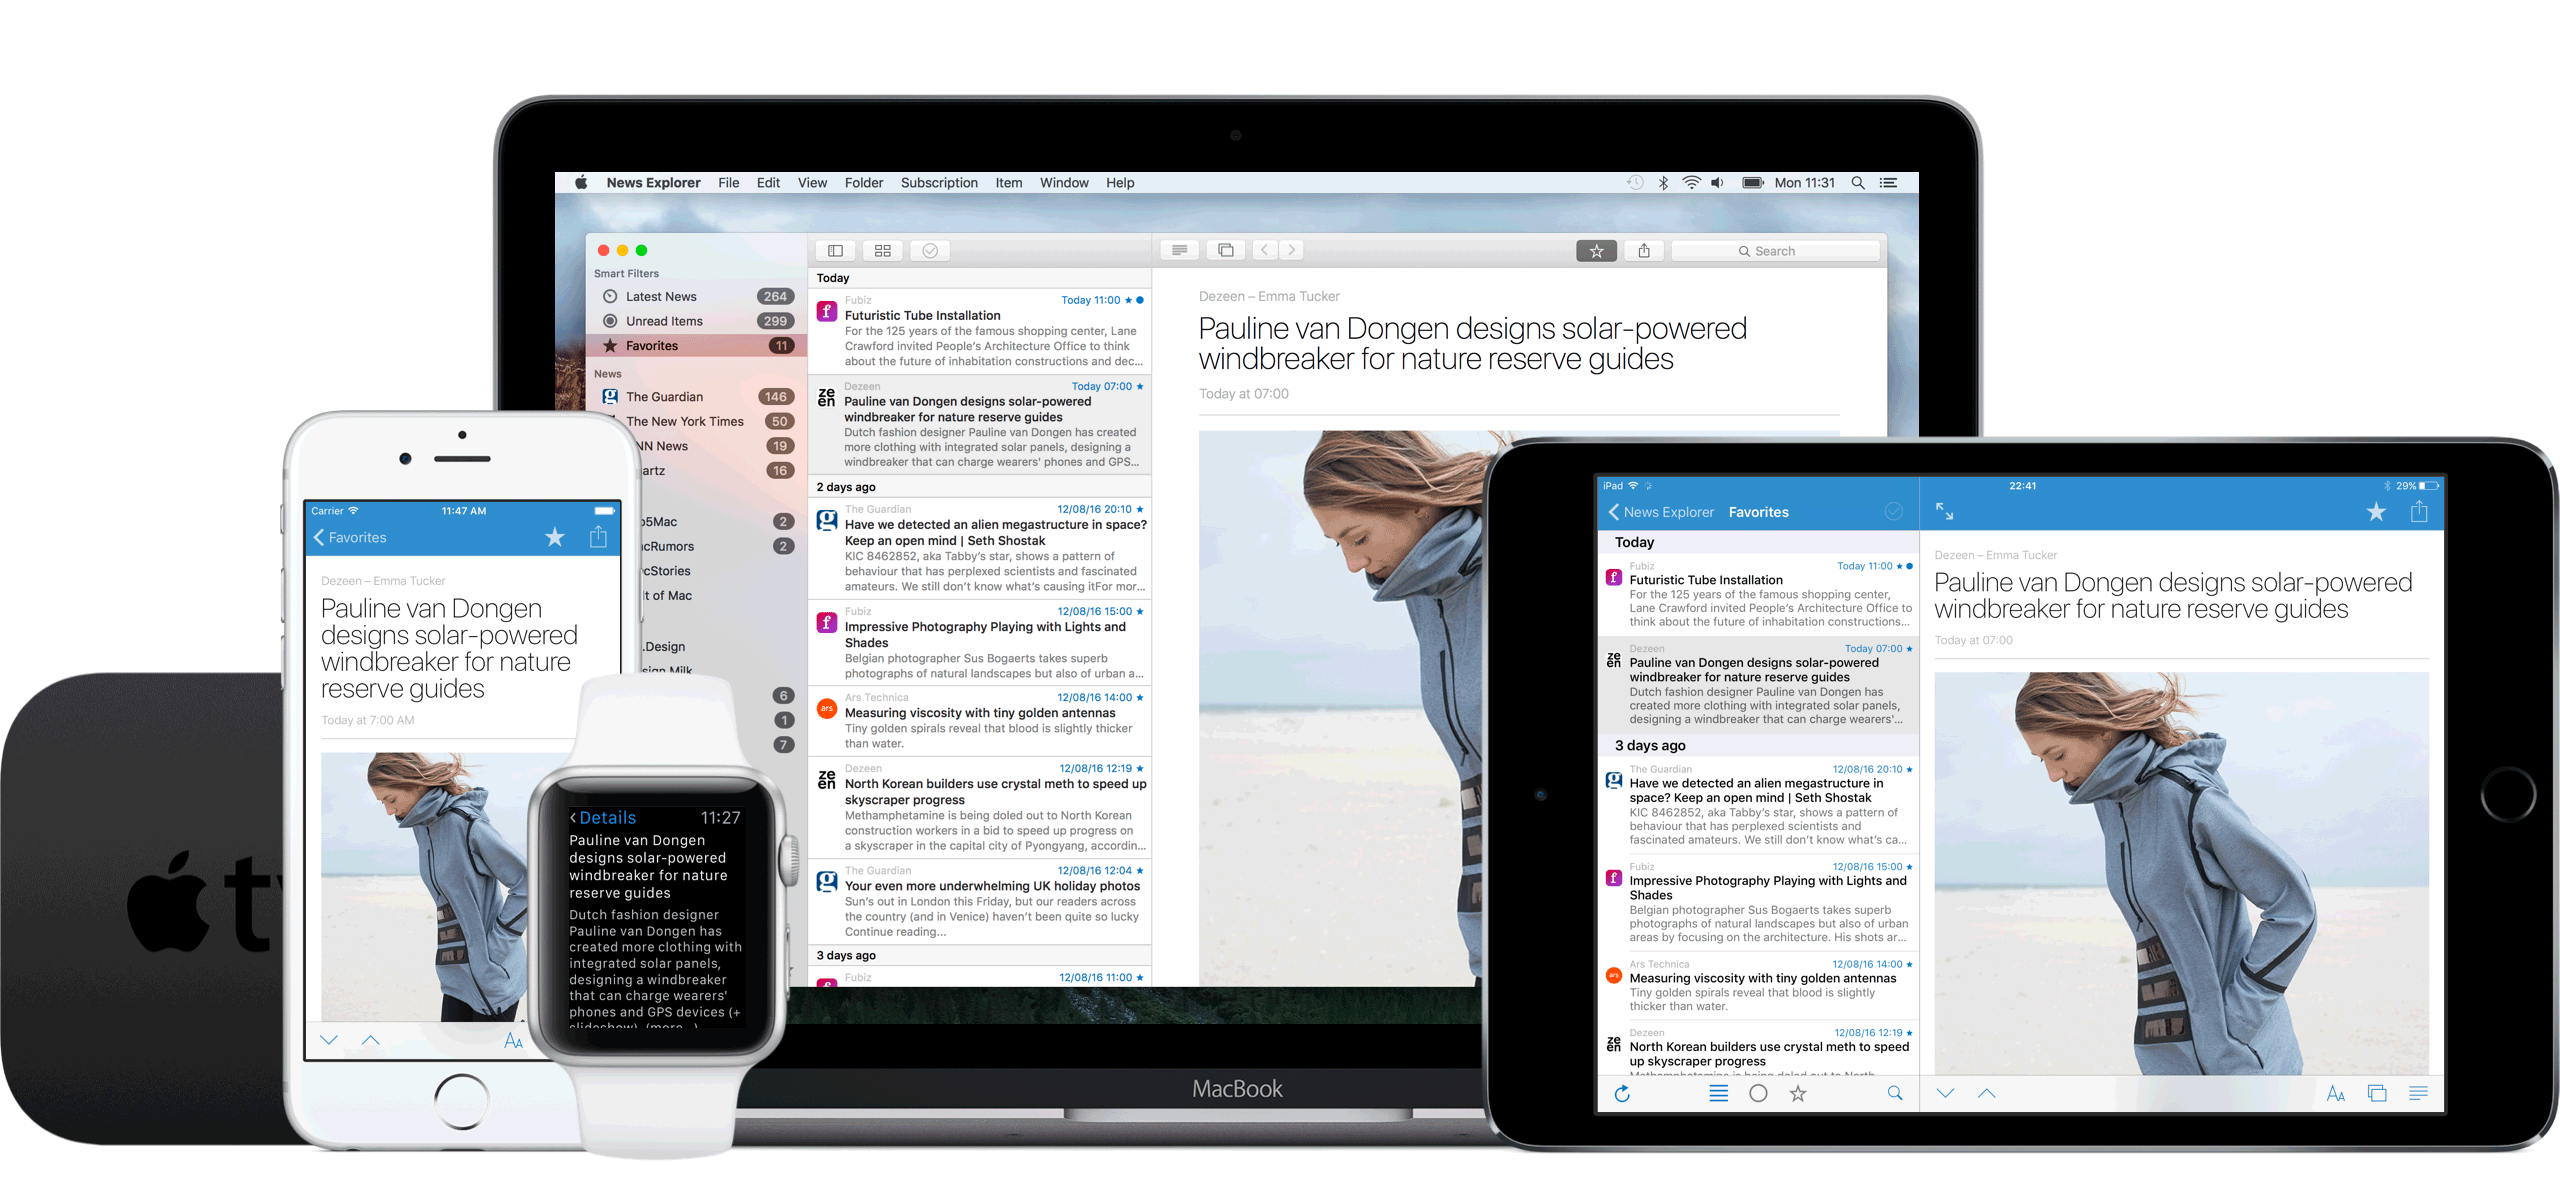 Обзор News Explorer – моё любимое приложение для чтения новостей, блогов, сайтов на iPhone, iPad и Mac